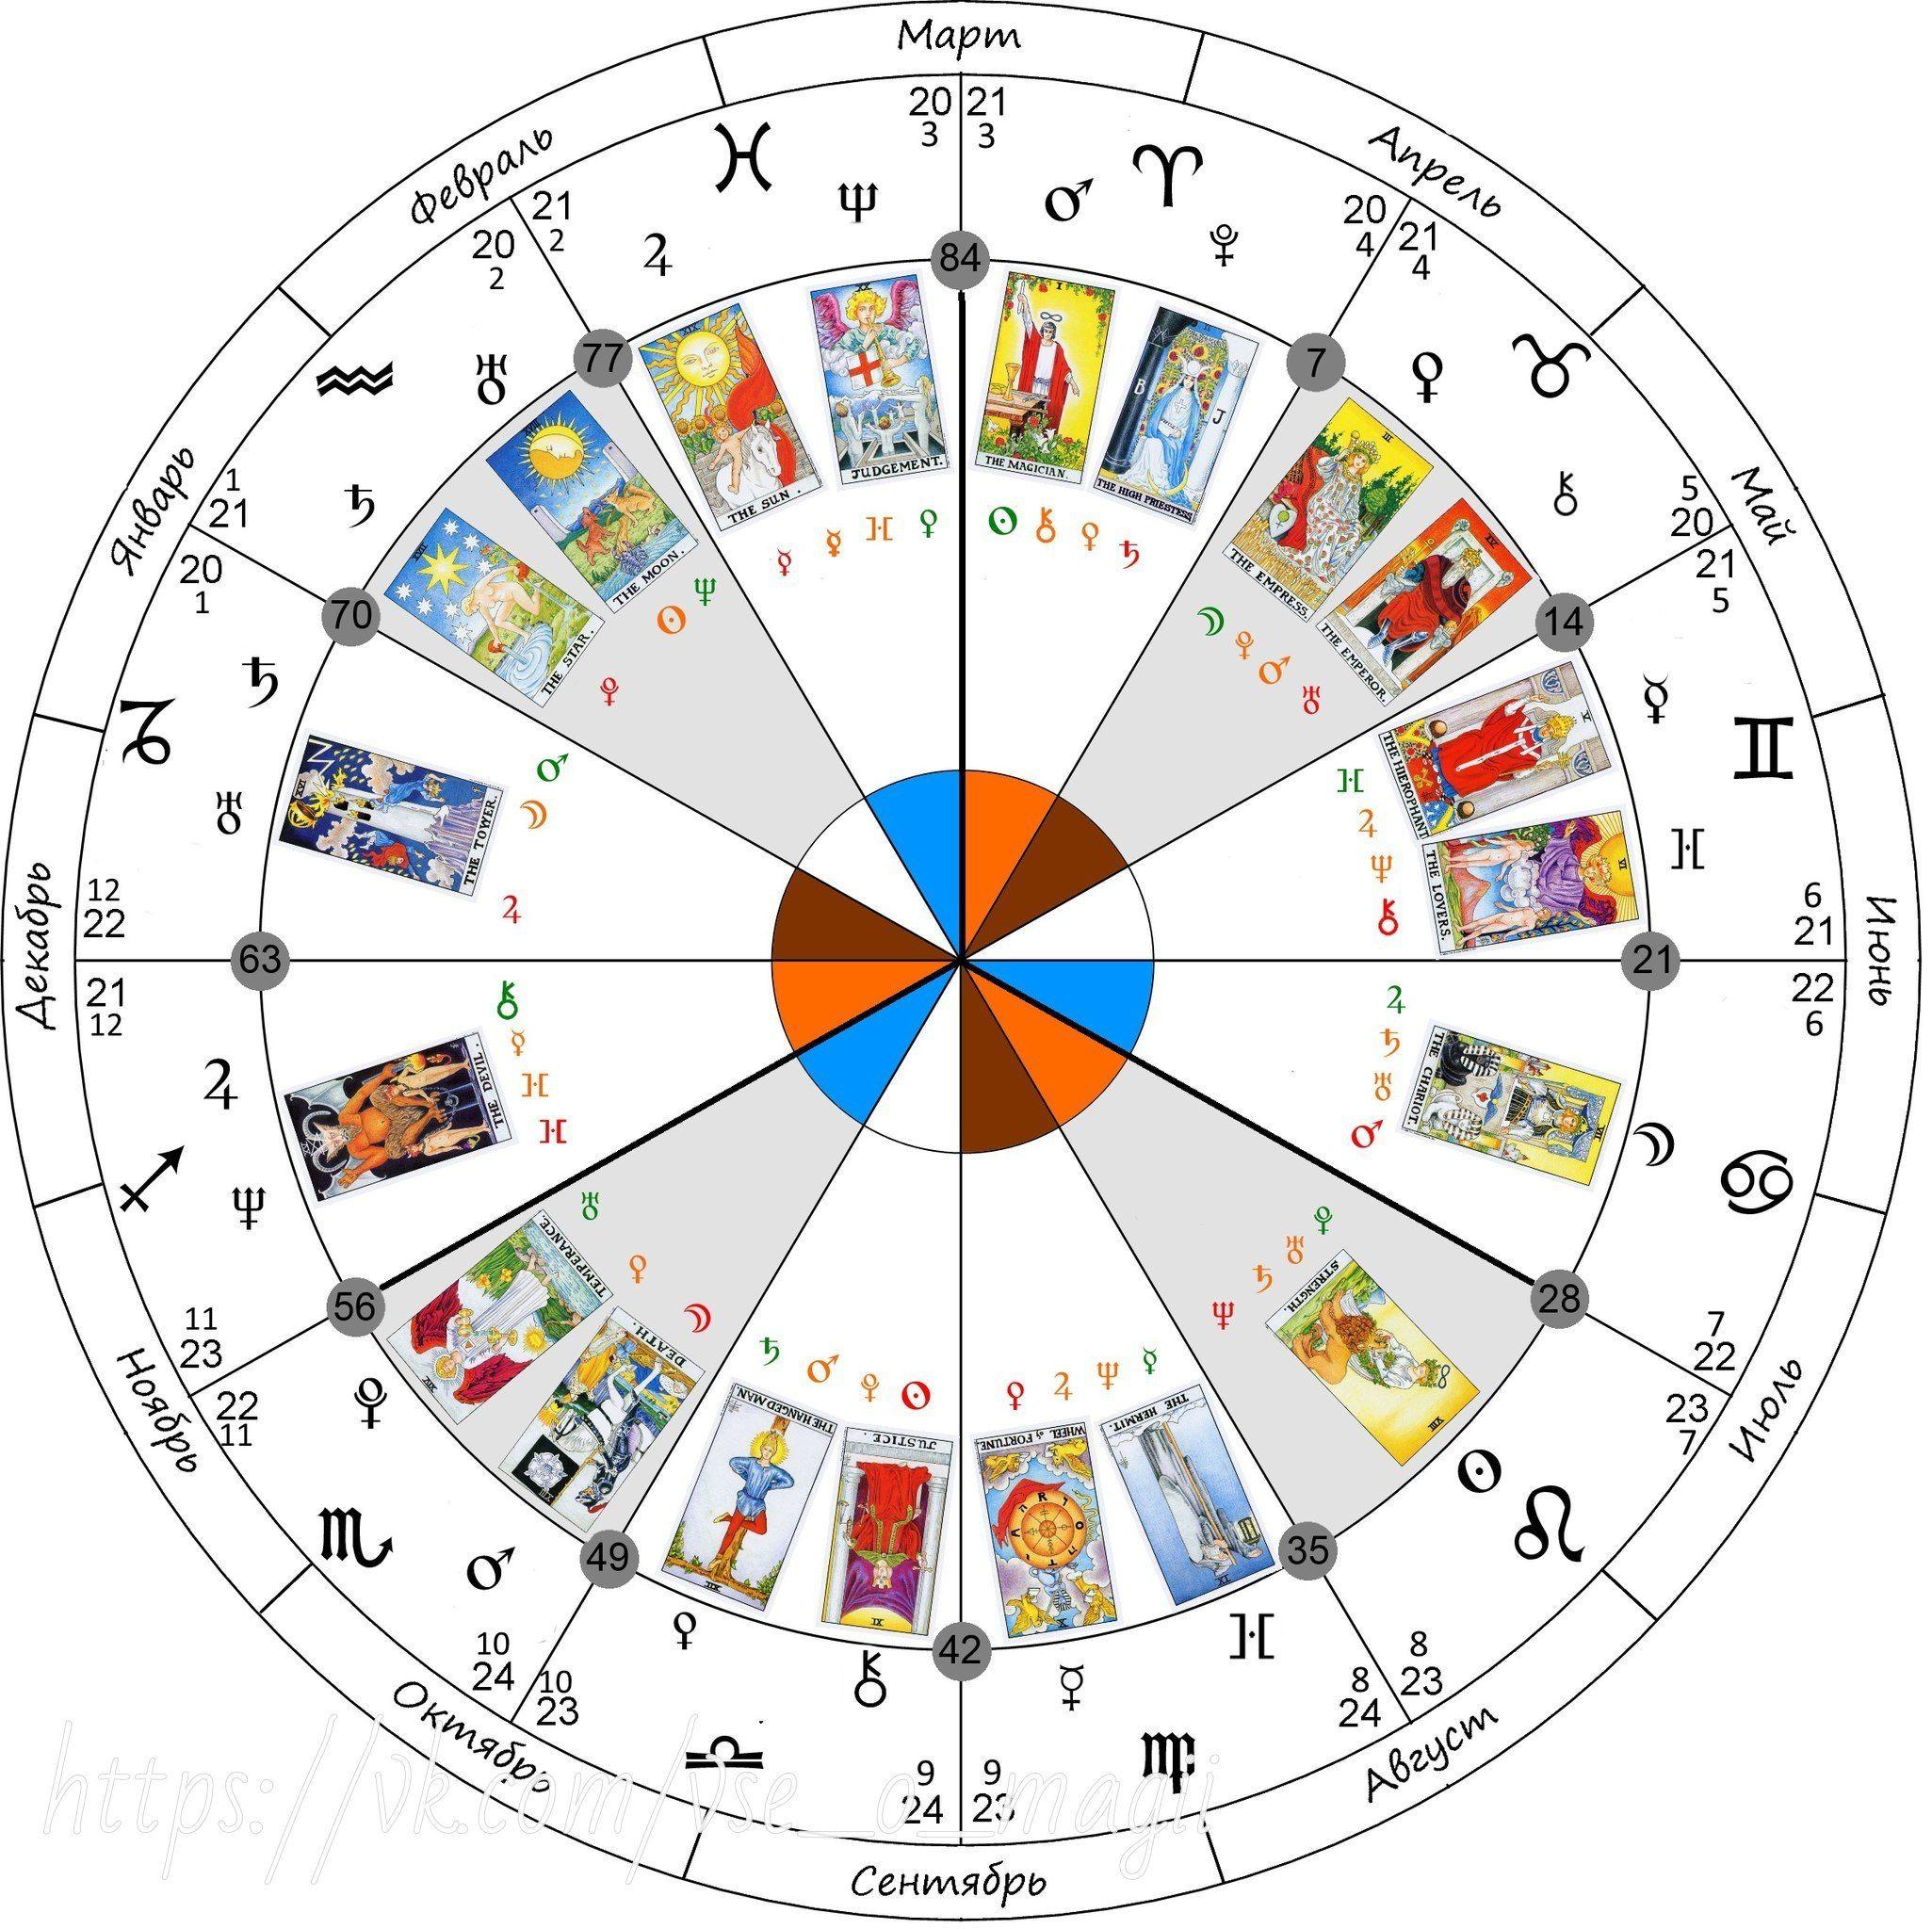 Гадание таро натальная карта гадание таро на будущее значение карт